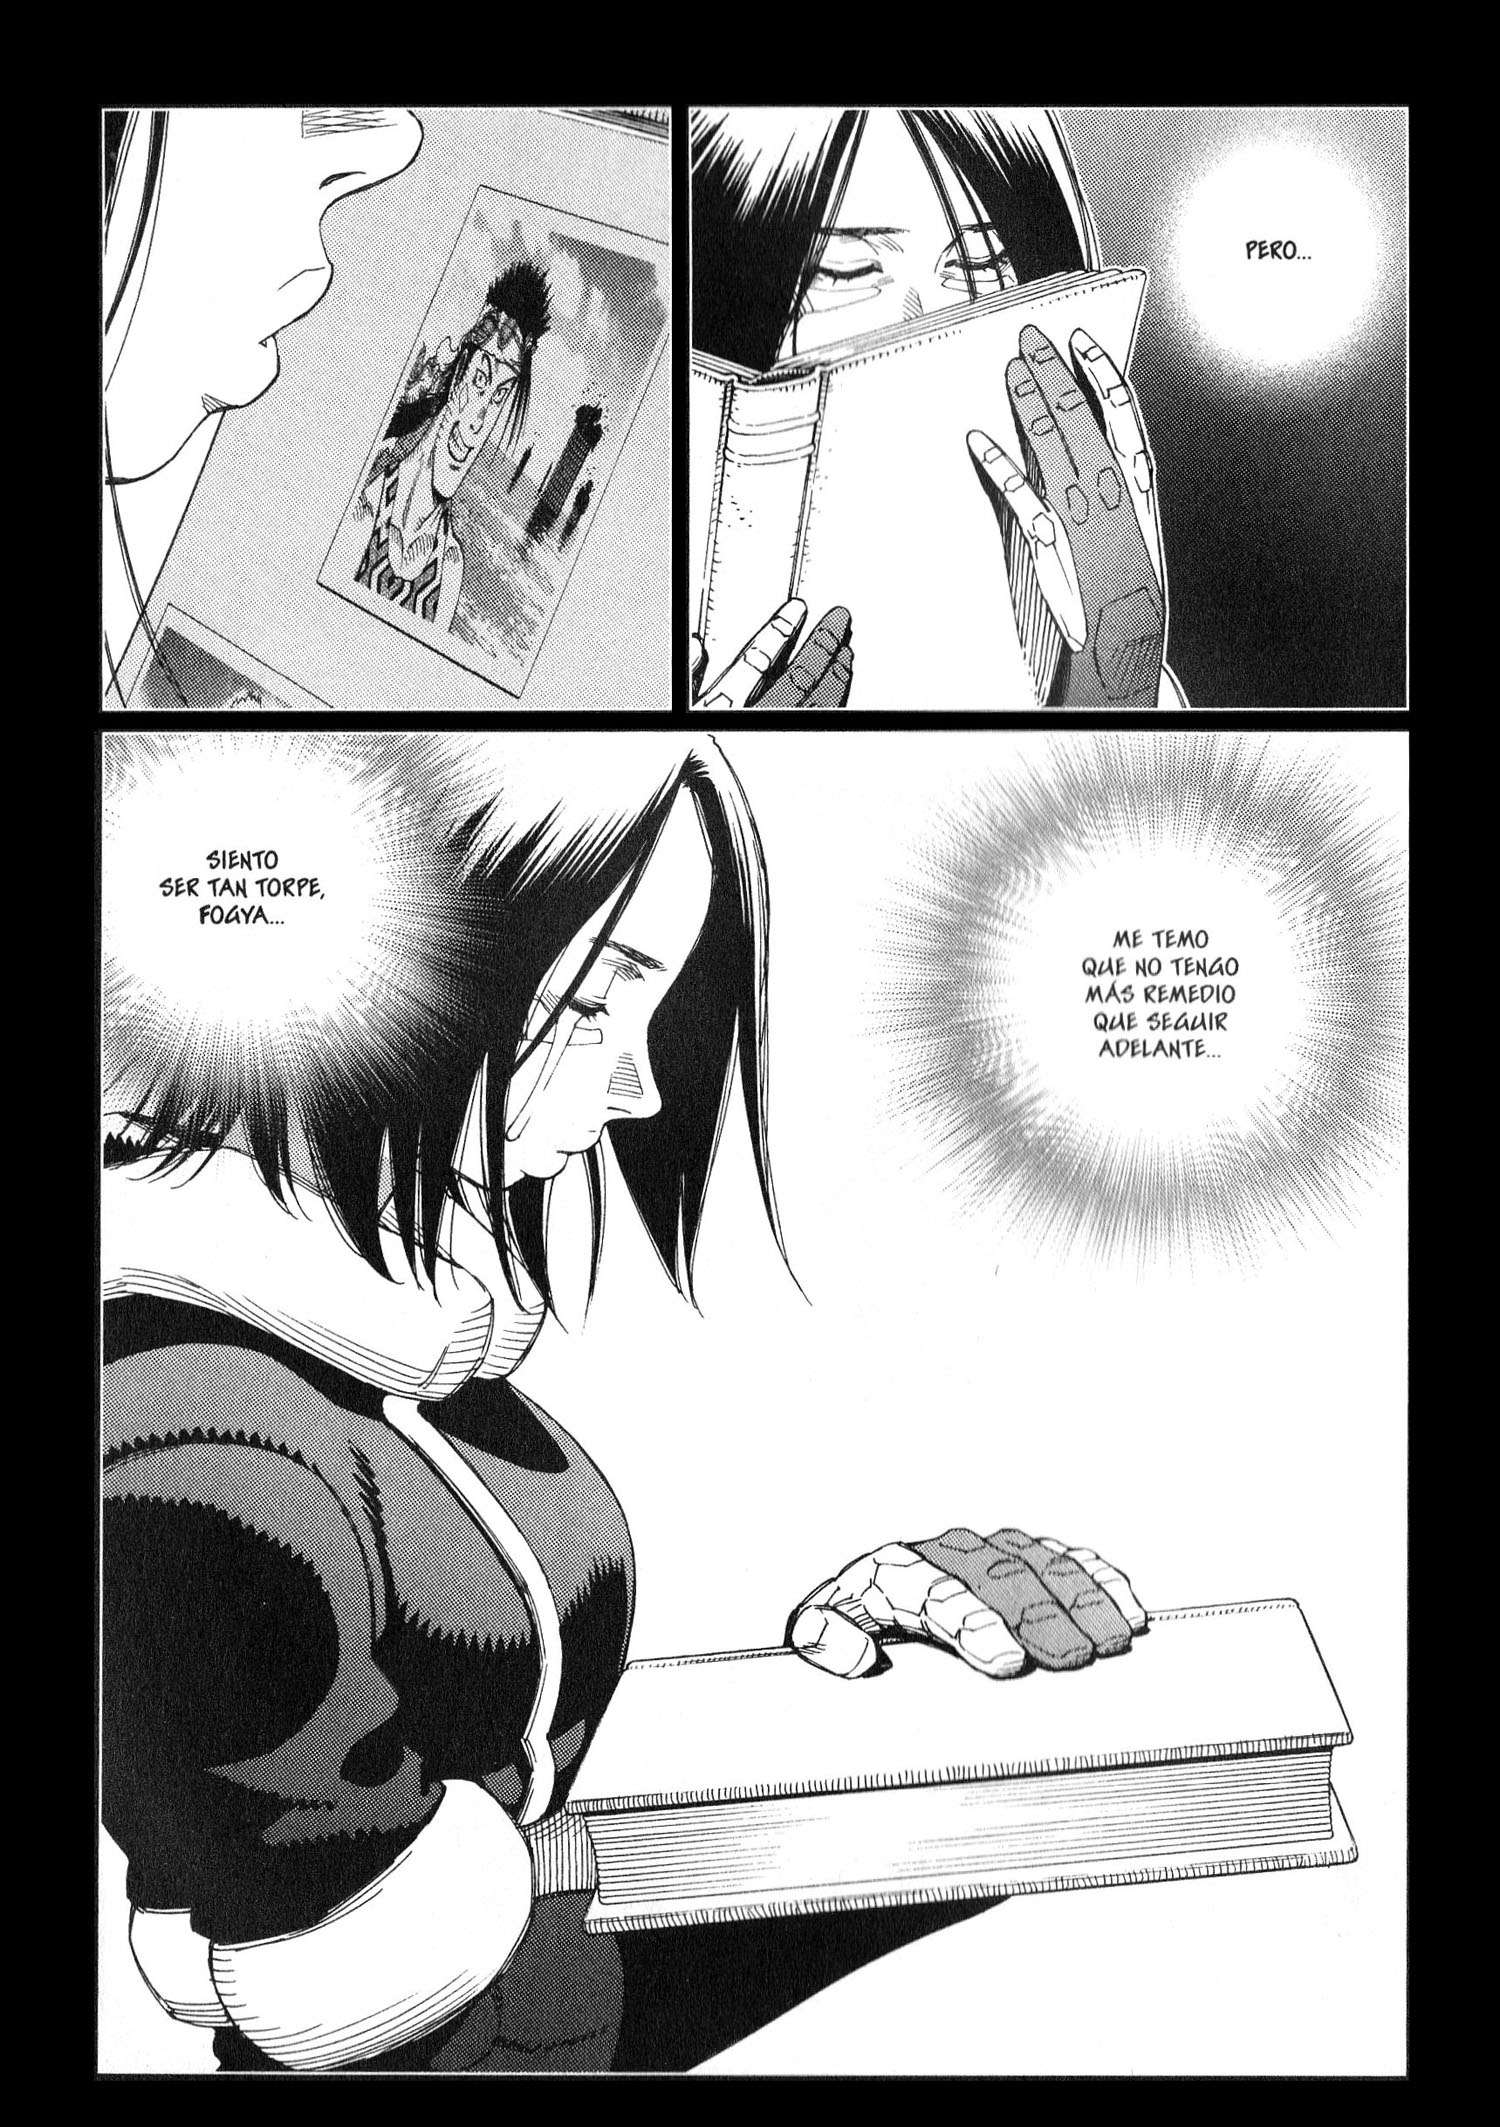 http://c5.ninemanga.com/es_manga/pic2/1/15873/523574/8866d39d022532058ba0b83698d902bb.jpg Page 7